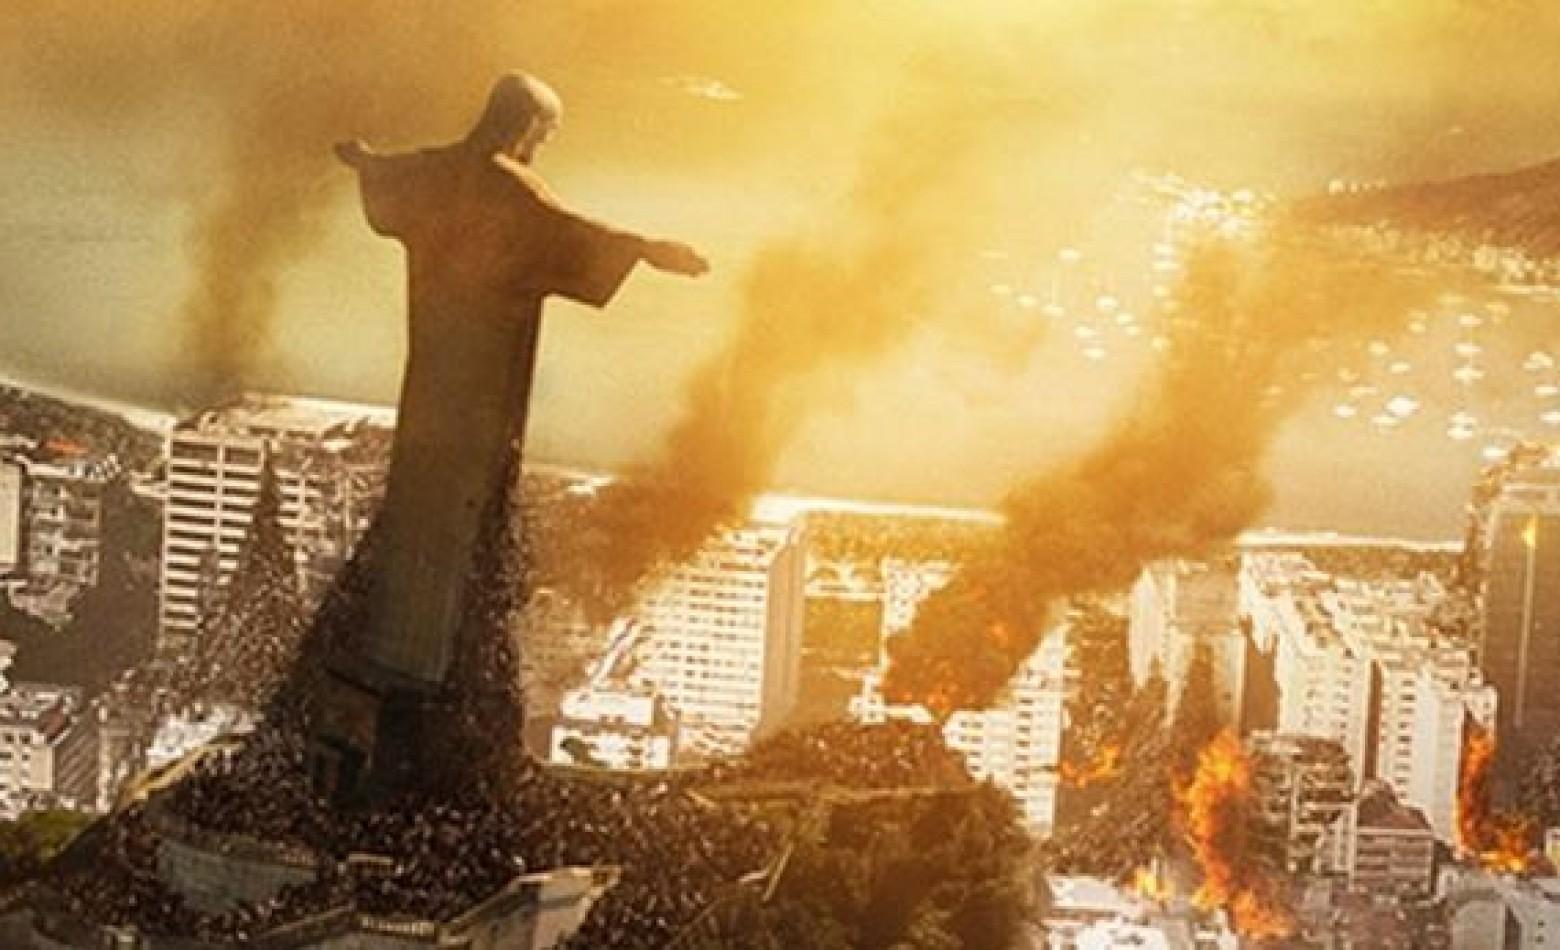 Rio de Janeiro - Mike e Max World_war_z_2013_banner05_rio_de_janeiro-1560x950_c